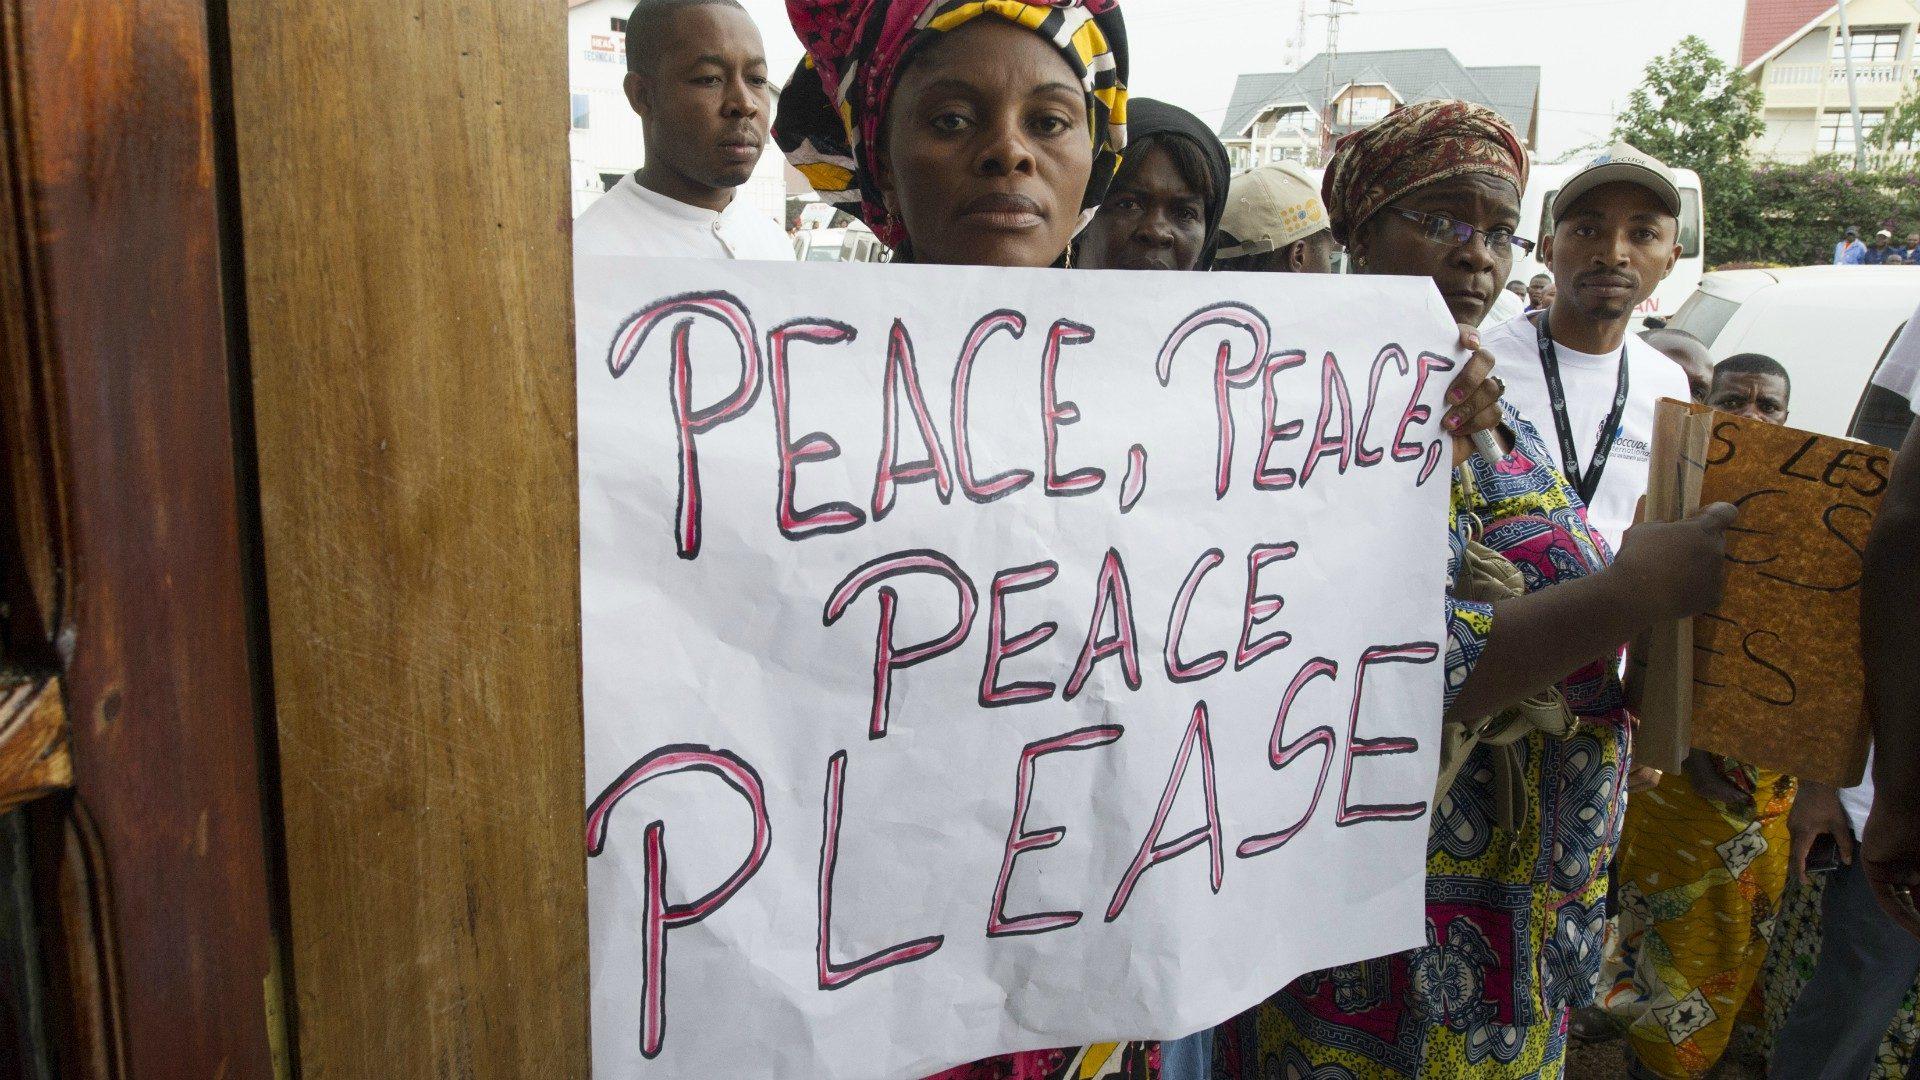 site rencontre pour maries peace river